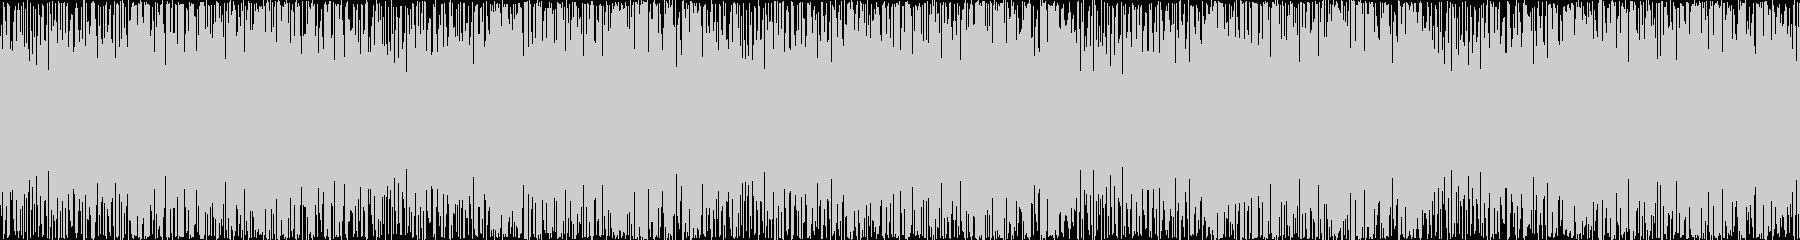 小川のせせらぎ(チョロチョロ・サラサラ)の未再生の波形